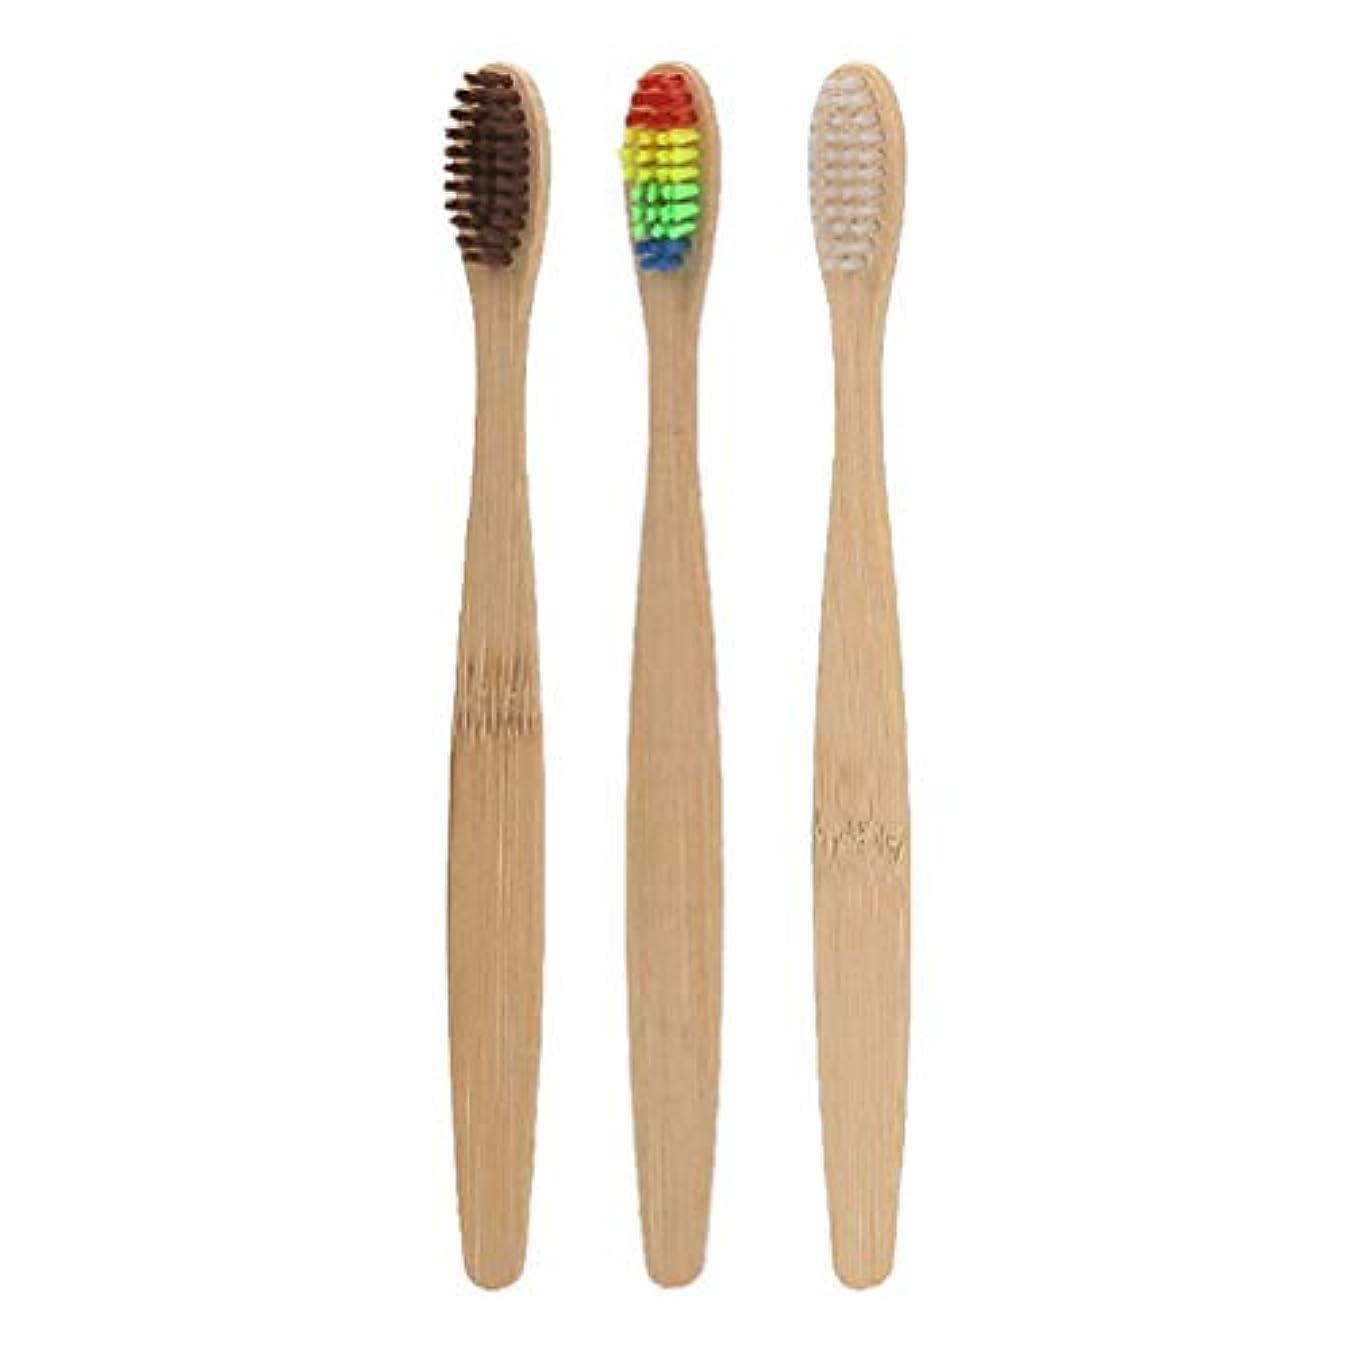 真珠のようなシーケンス電気SUPVOX 男性の女性のための3本の天然竹歯ブラシ生分解性歯ブラシ